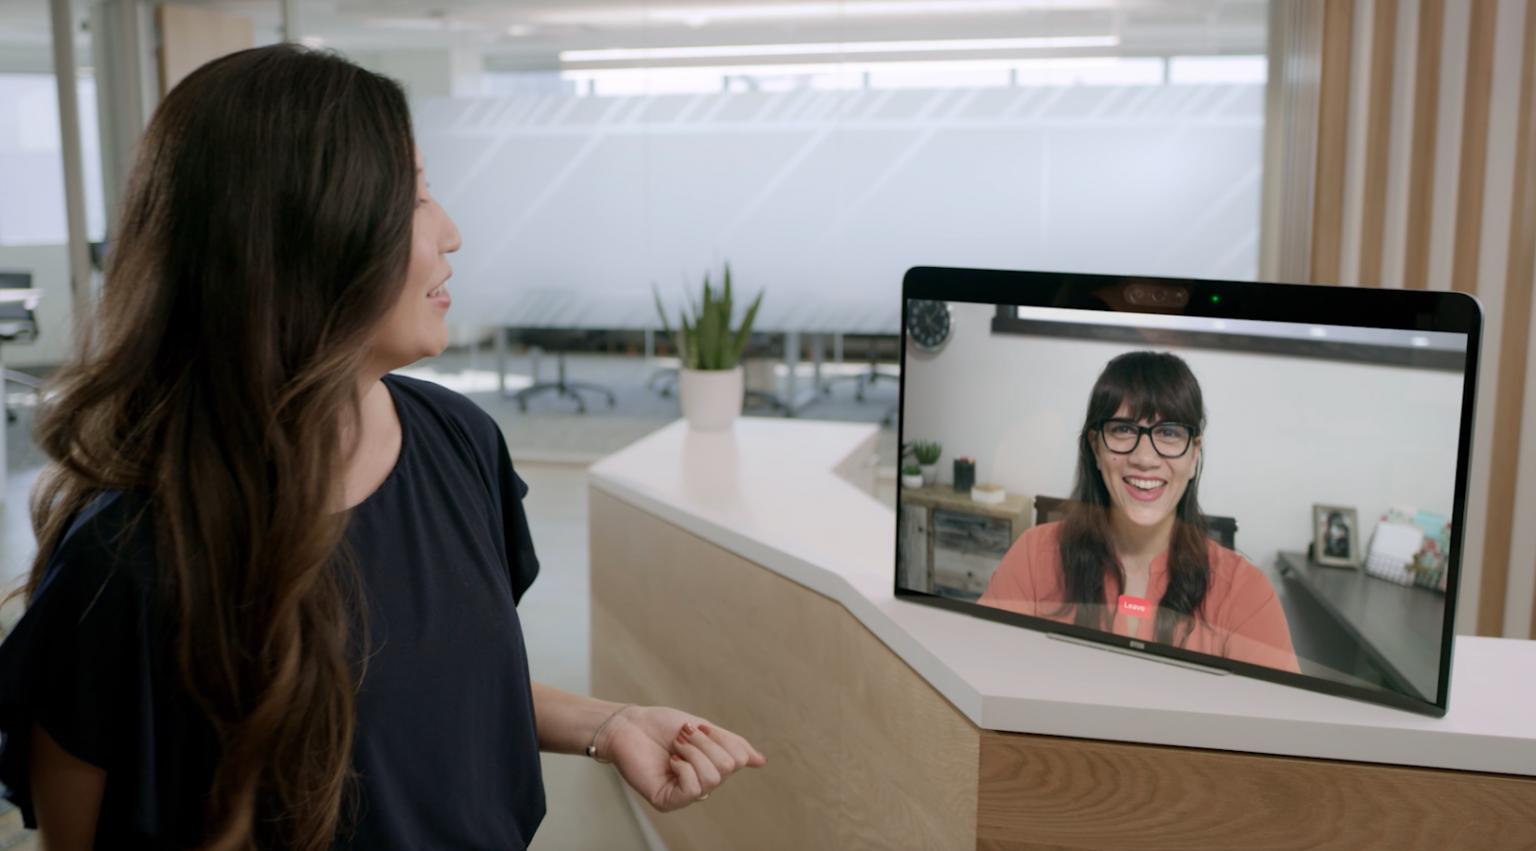 vymeet视频会议软件怎么样,好用吗? 第2张